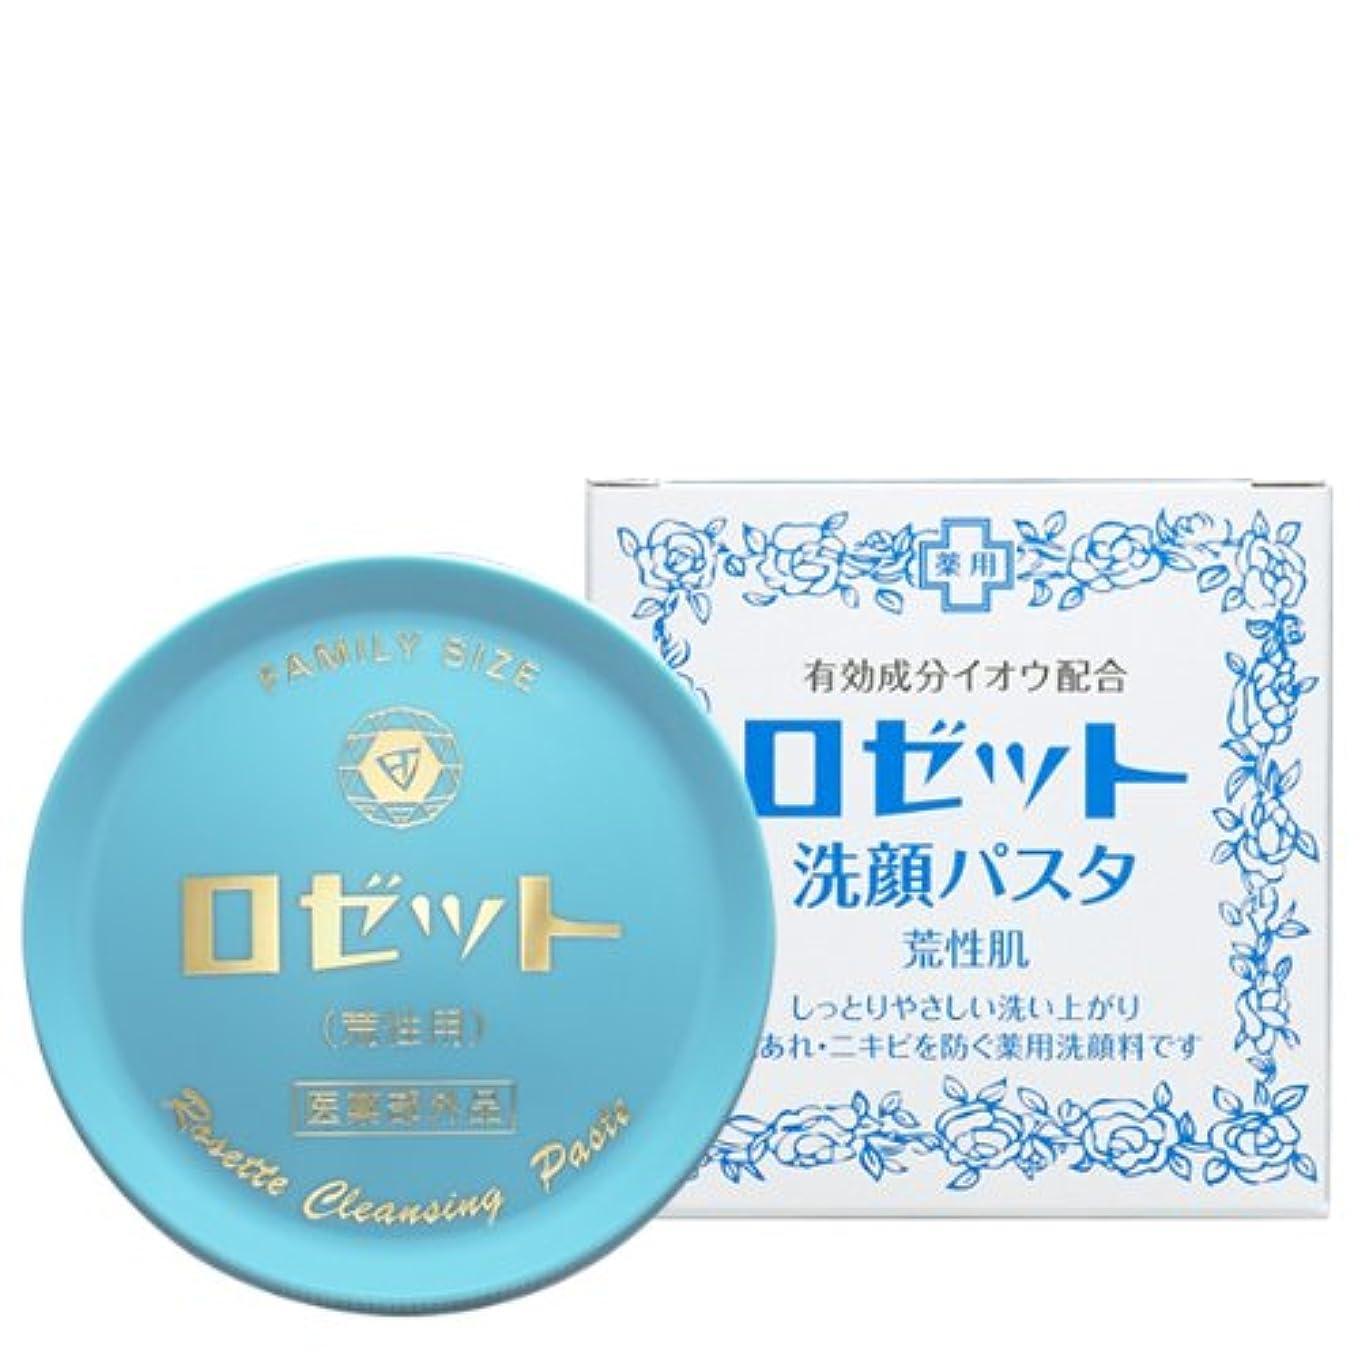 負荷気難しいチップロゼット 洗顔パスタ 荒性肌 90g (医薬部外品)